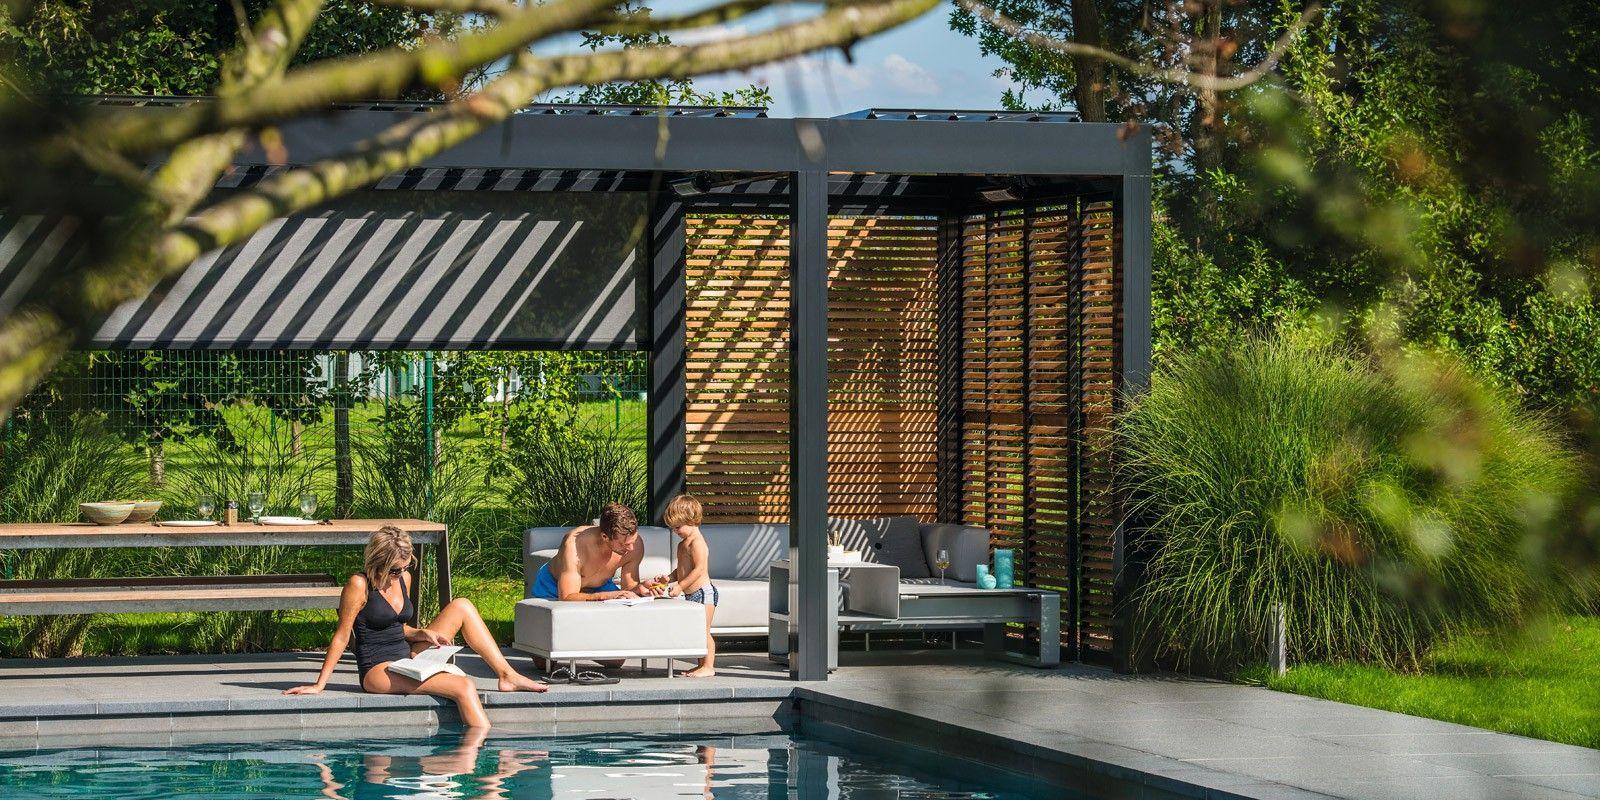 Overkapping met lamellen in tuin bij zwembad via jumbo tuin terras veranda overdekt - Verwijderbare terras zwembad ...